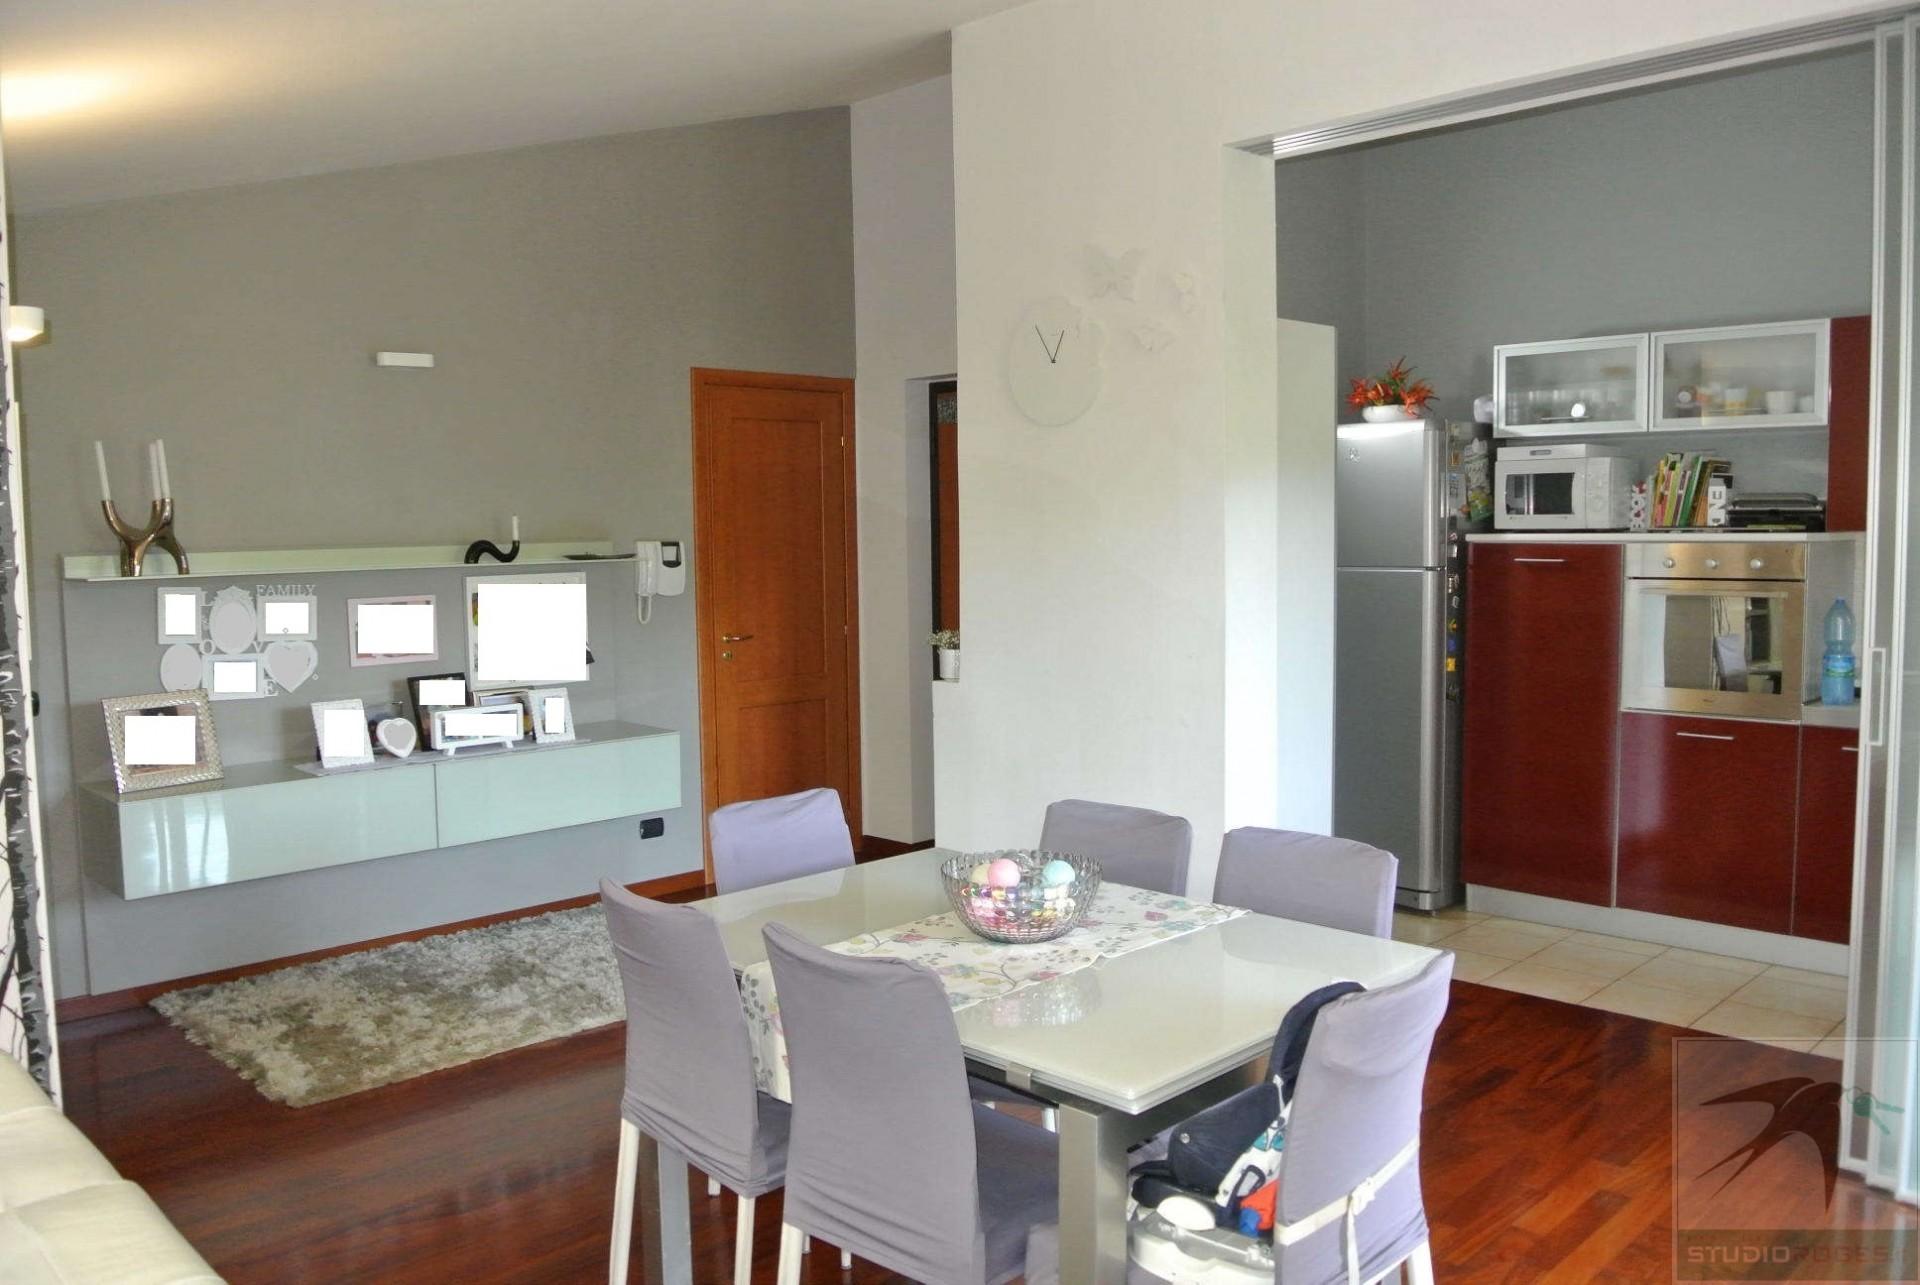 Appartamento in Vendita  - N. camere: 3 - - Rende - Saporito-Surdo-Malvitani (CS)